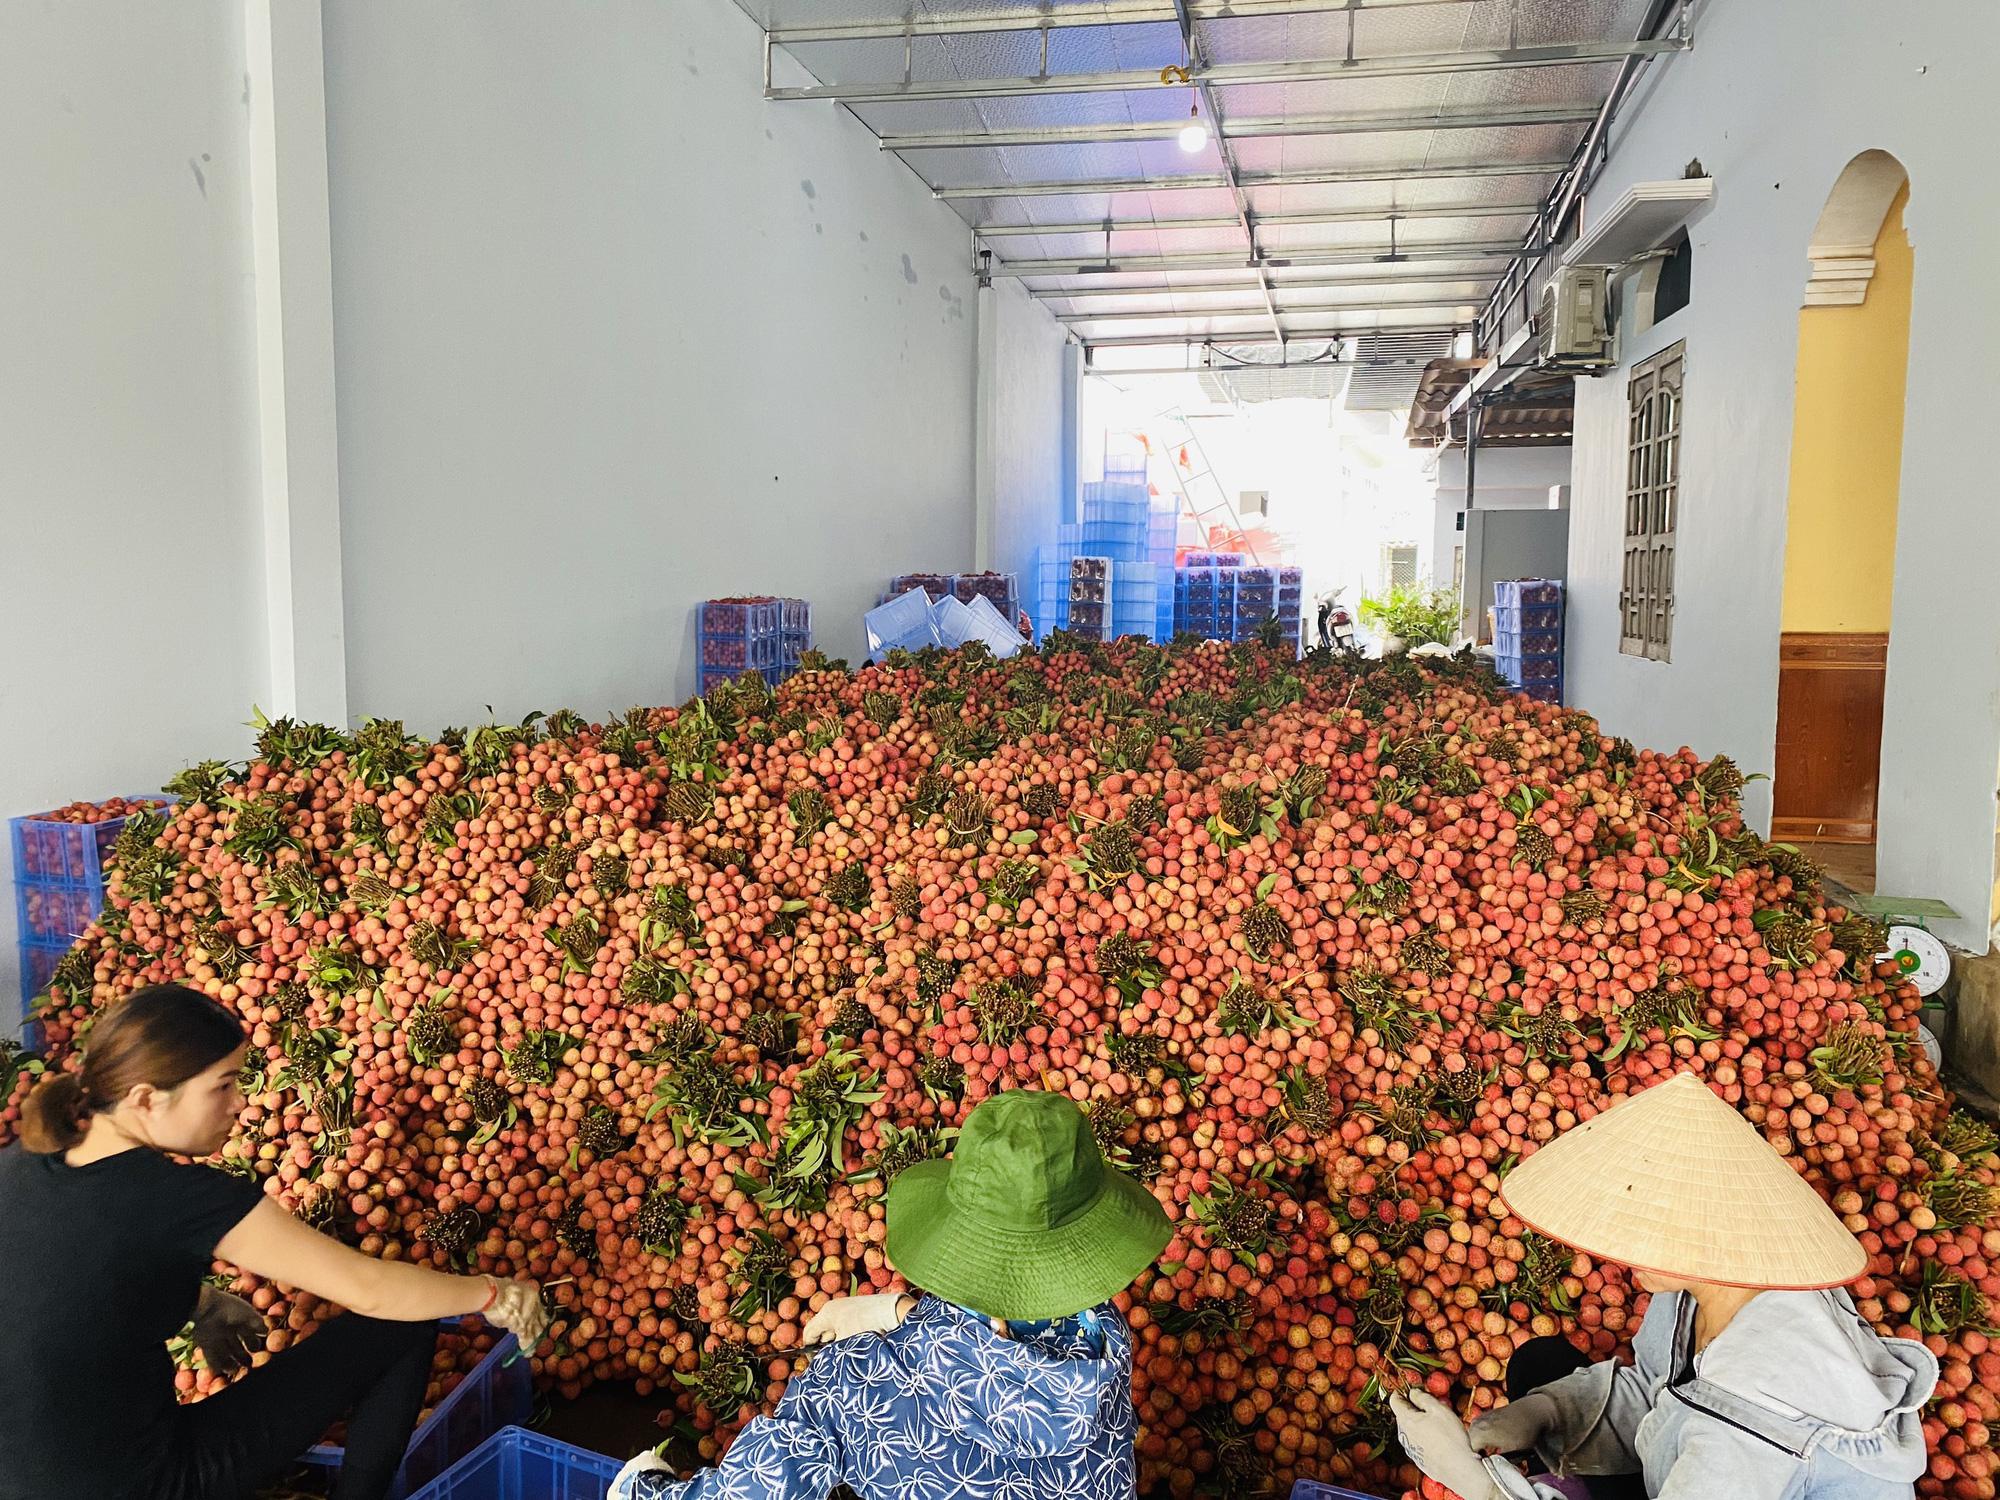 137 thương nhân Trung Quốc, 300 điểm cân gom 77.000 tấn vải thiều đưa sang biên giới - Ảnh 1.